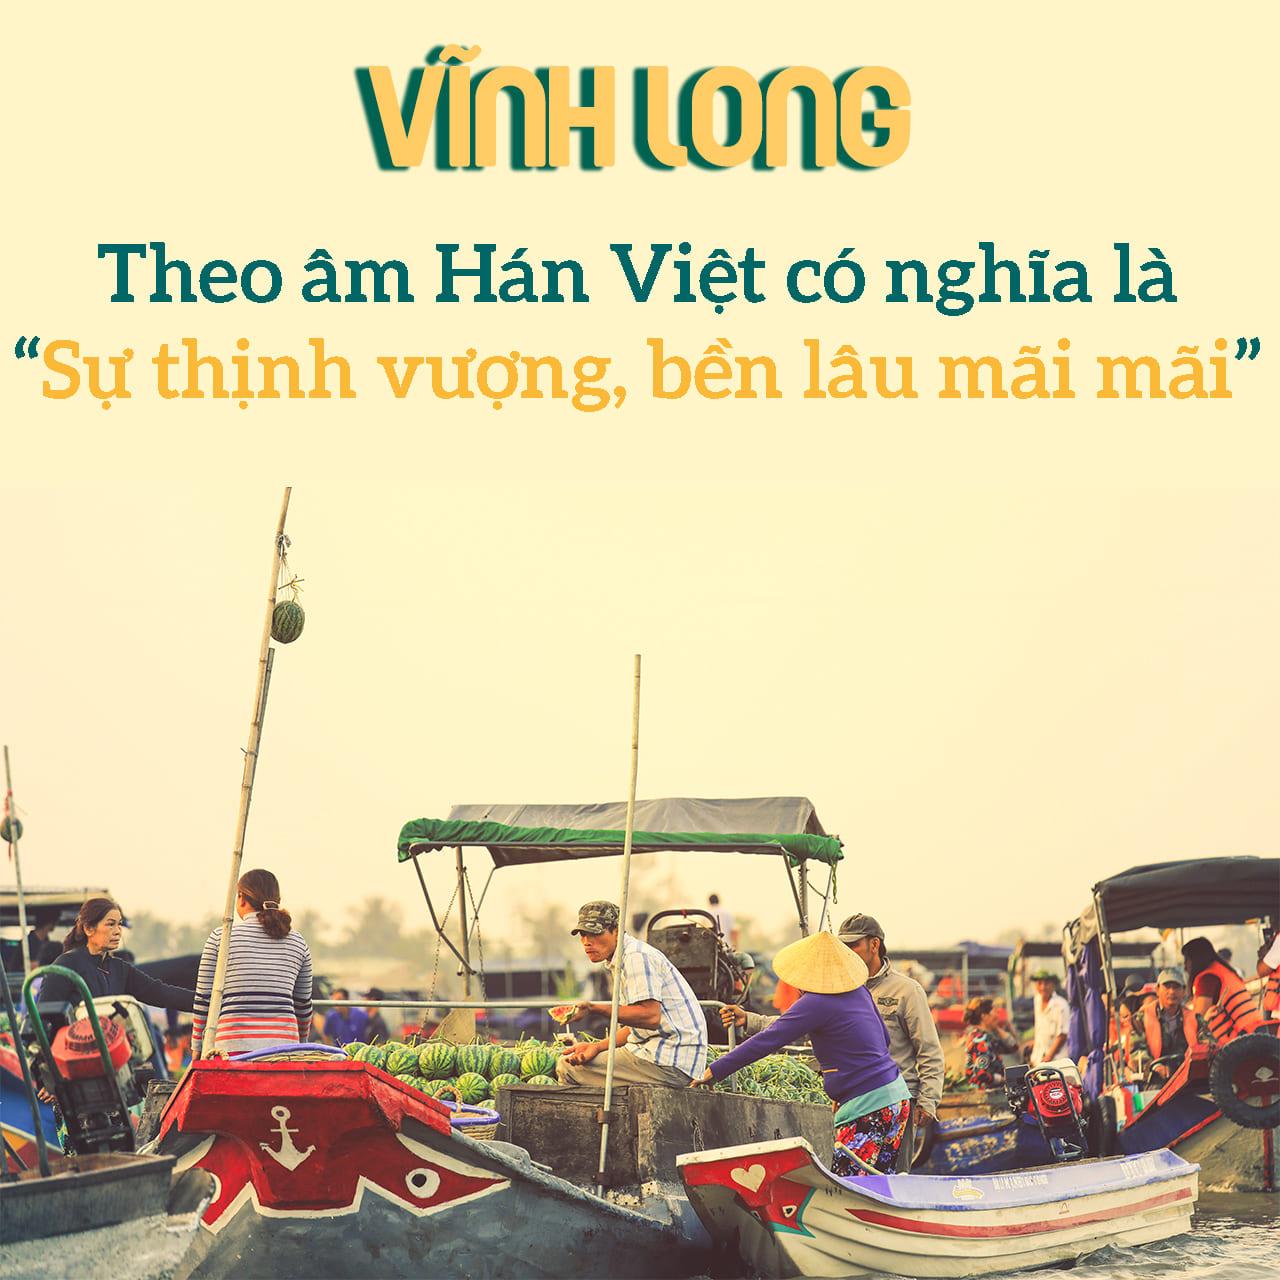 Ý nghĩa của địa danh Vĩnh Long là gì